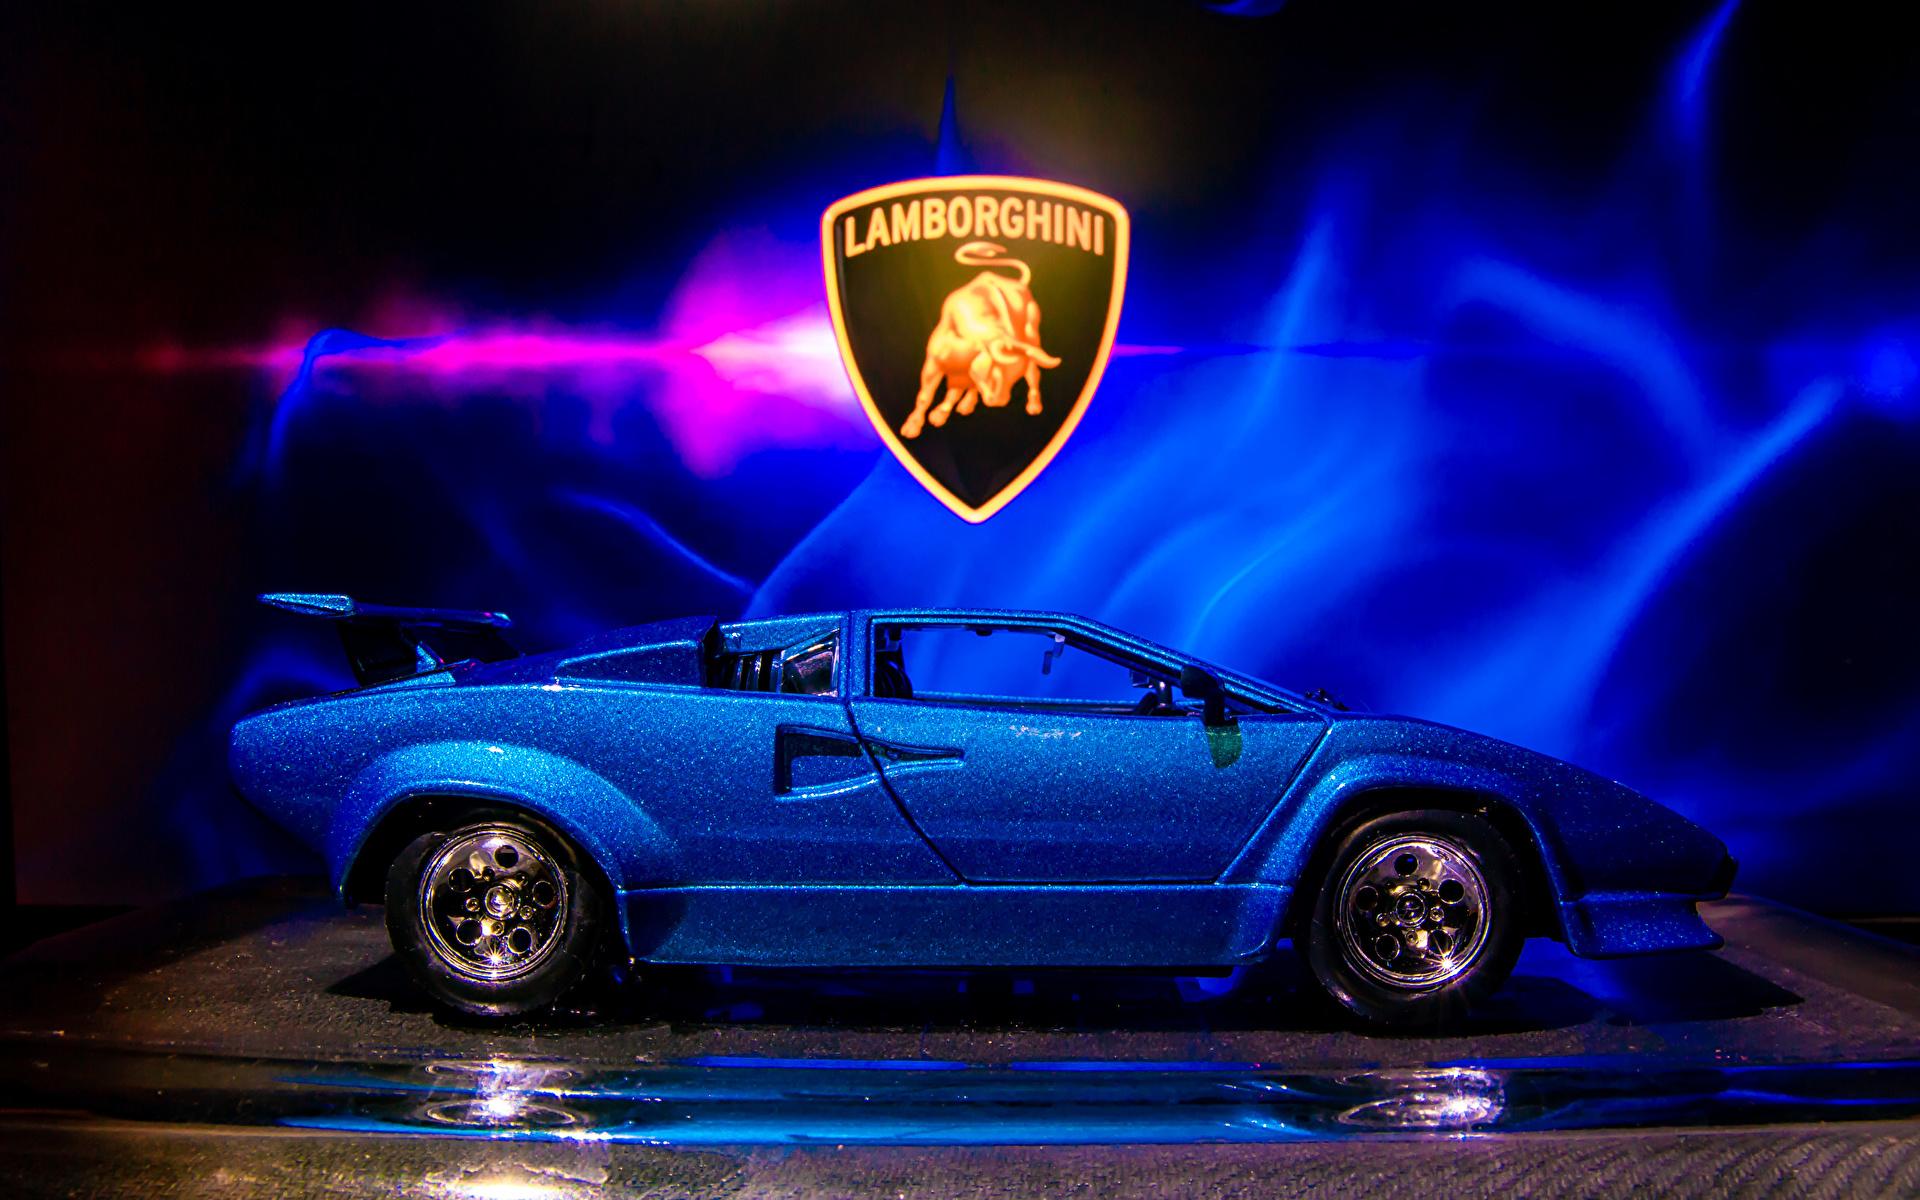 zdjęcia Lamborghini Countach sv 5000 Barwa niebieska Samochody Widok z boku Zabawki 1920x1200 samochód zabawka